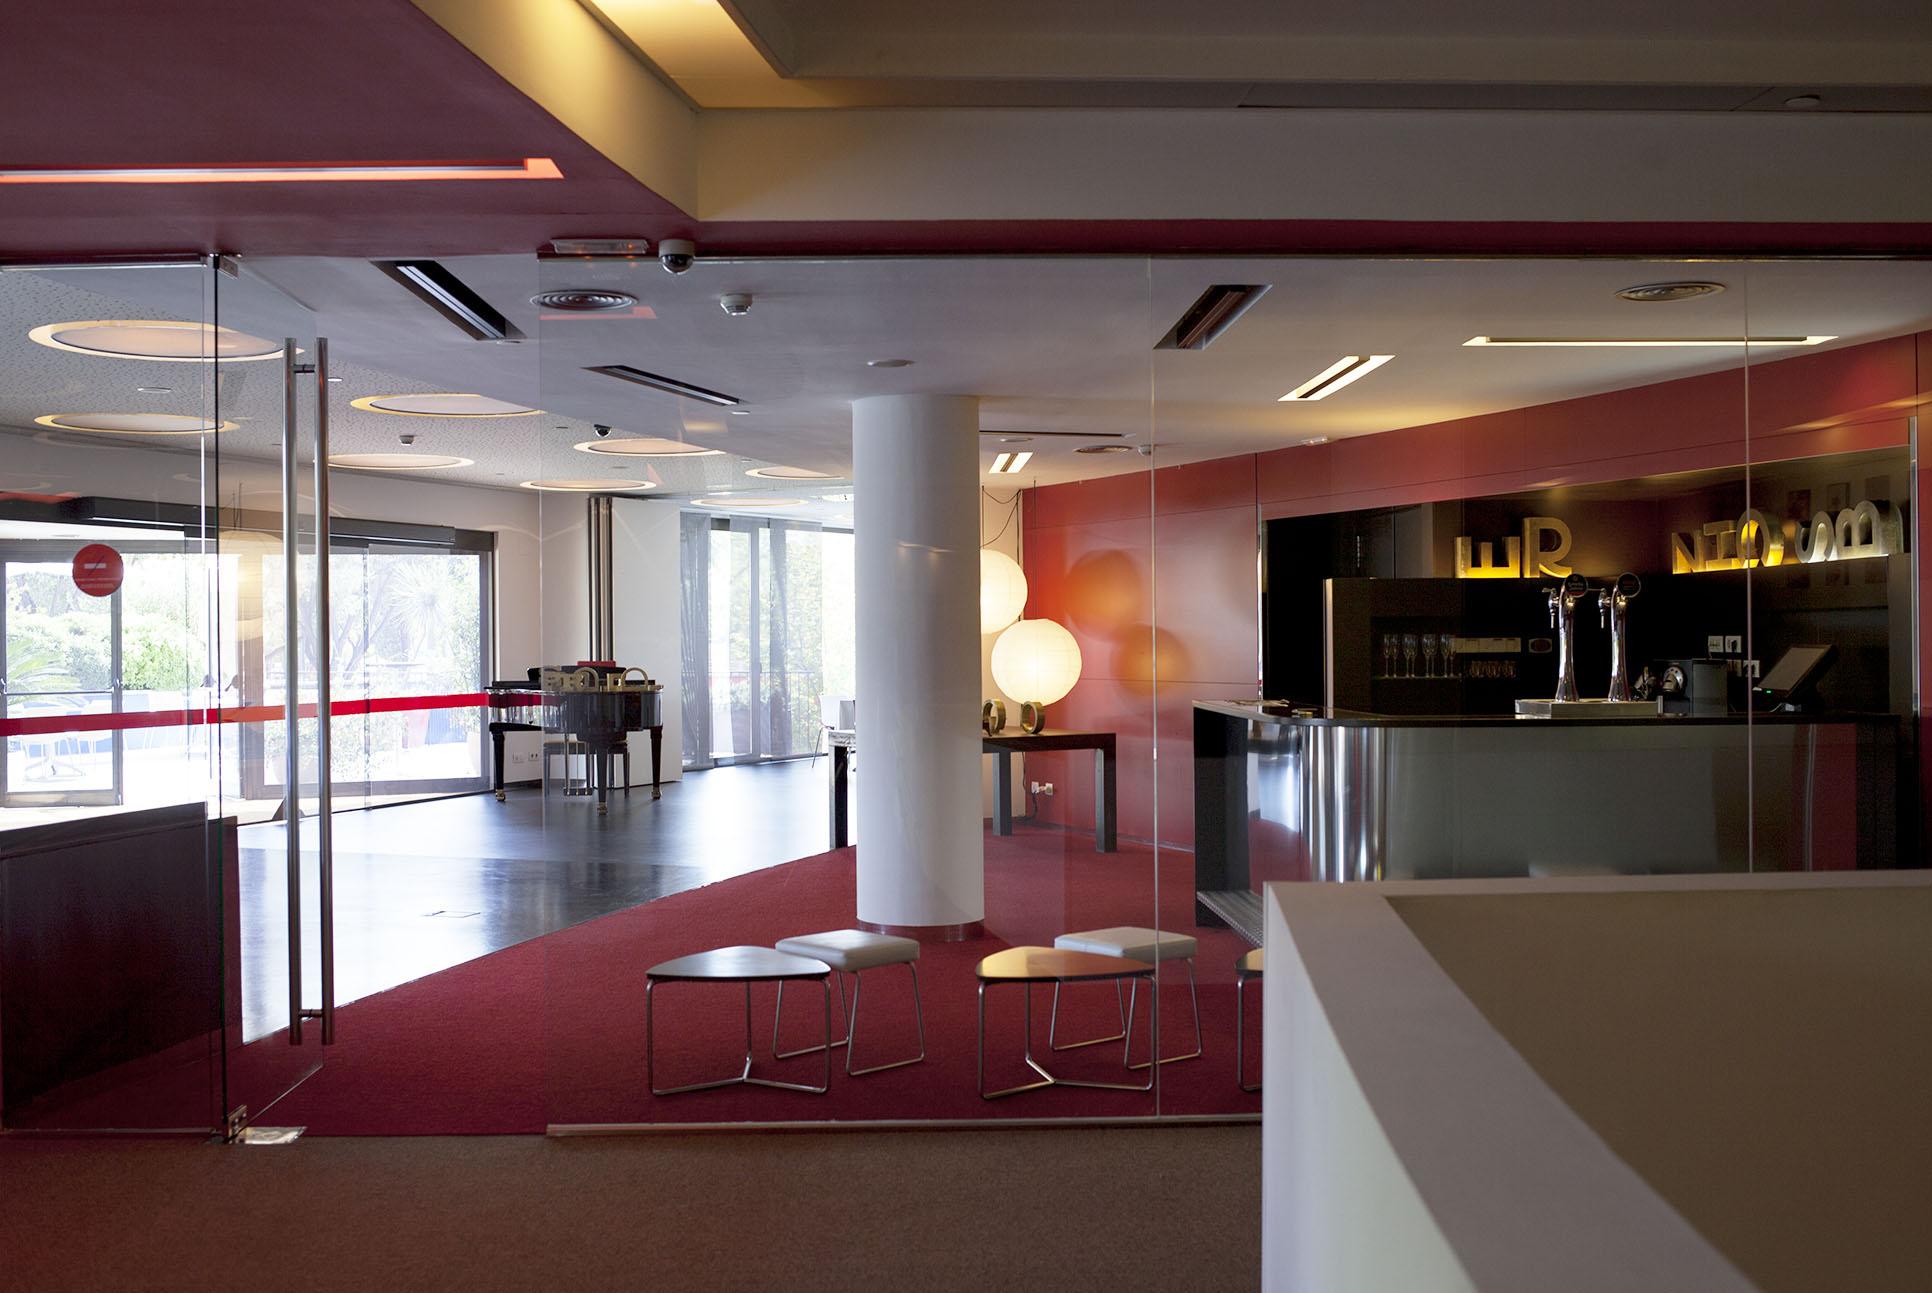 animua-elatto-conexion-hotel